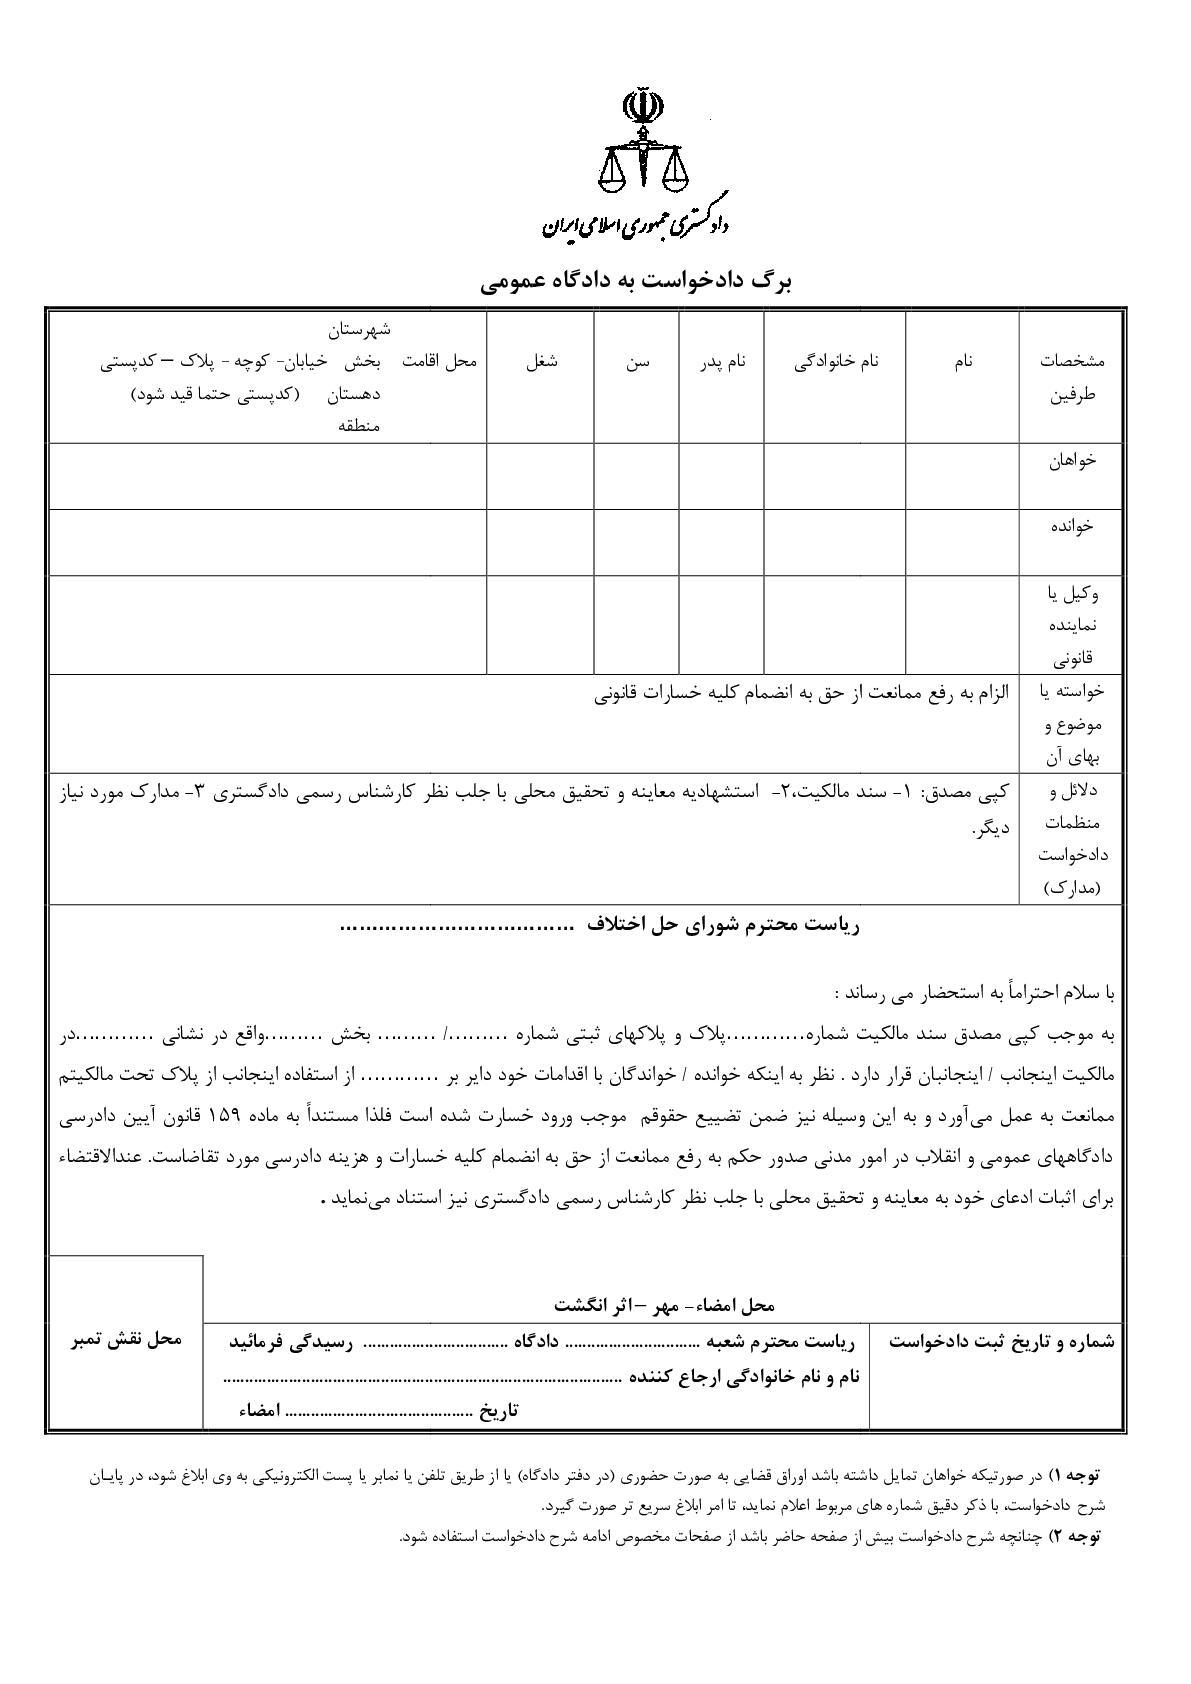 دادخواست رفع ممانعت از حق از شورای حل اختلاف